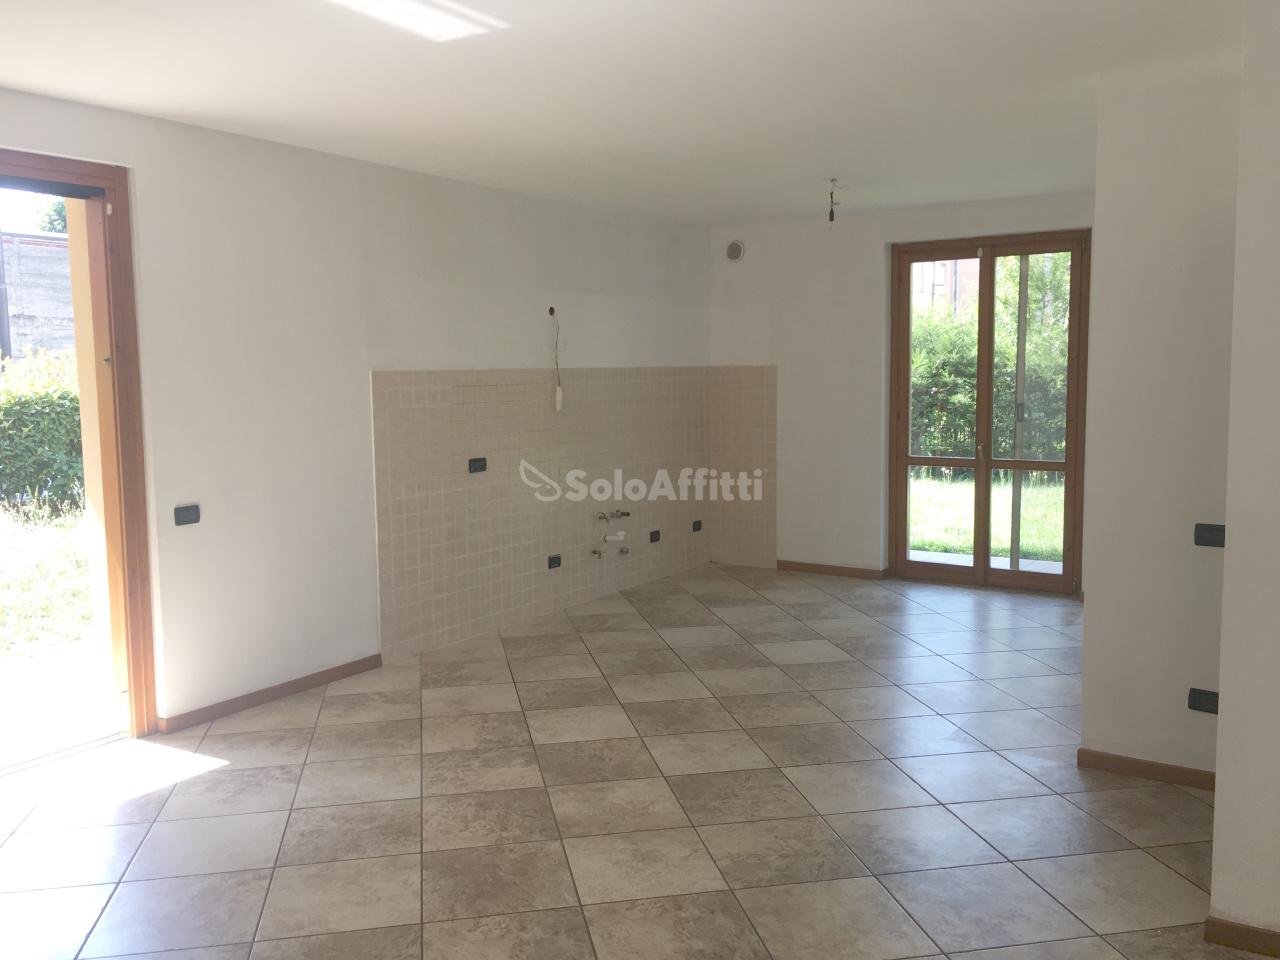 Appartamento in affitto a Calusco D'adda (BG)